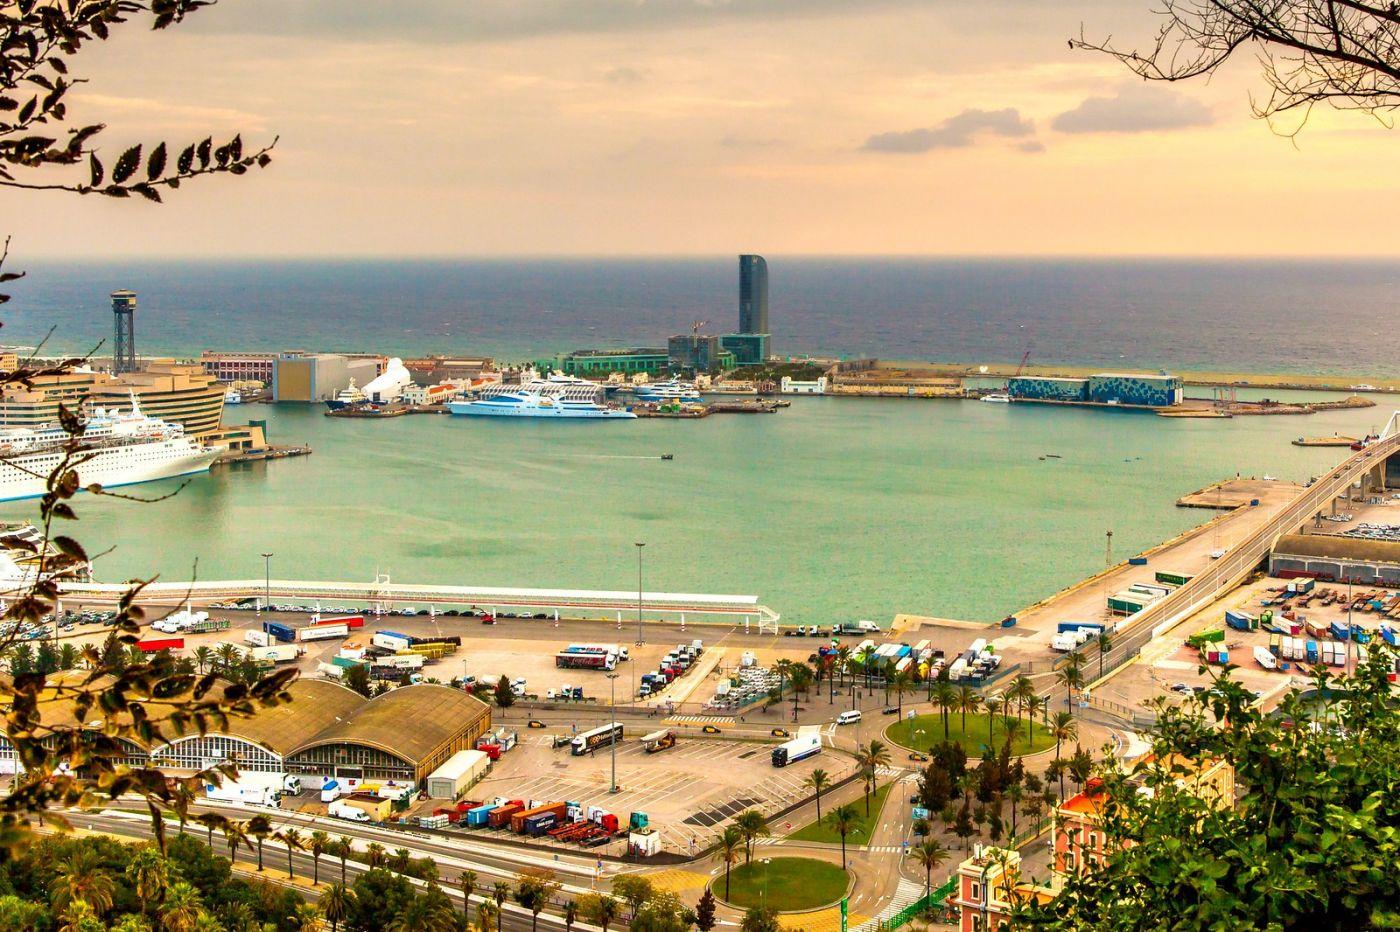 西班牙小岛,鸟瞰港景_图1-8